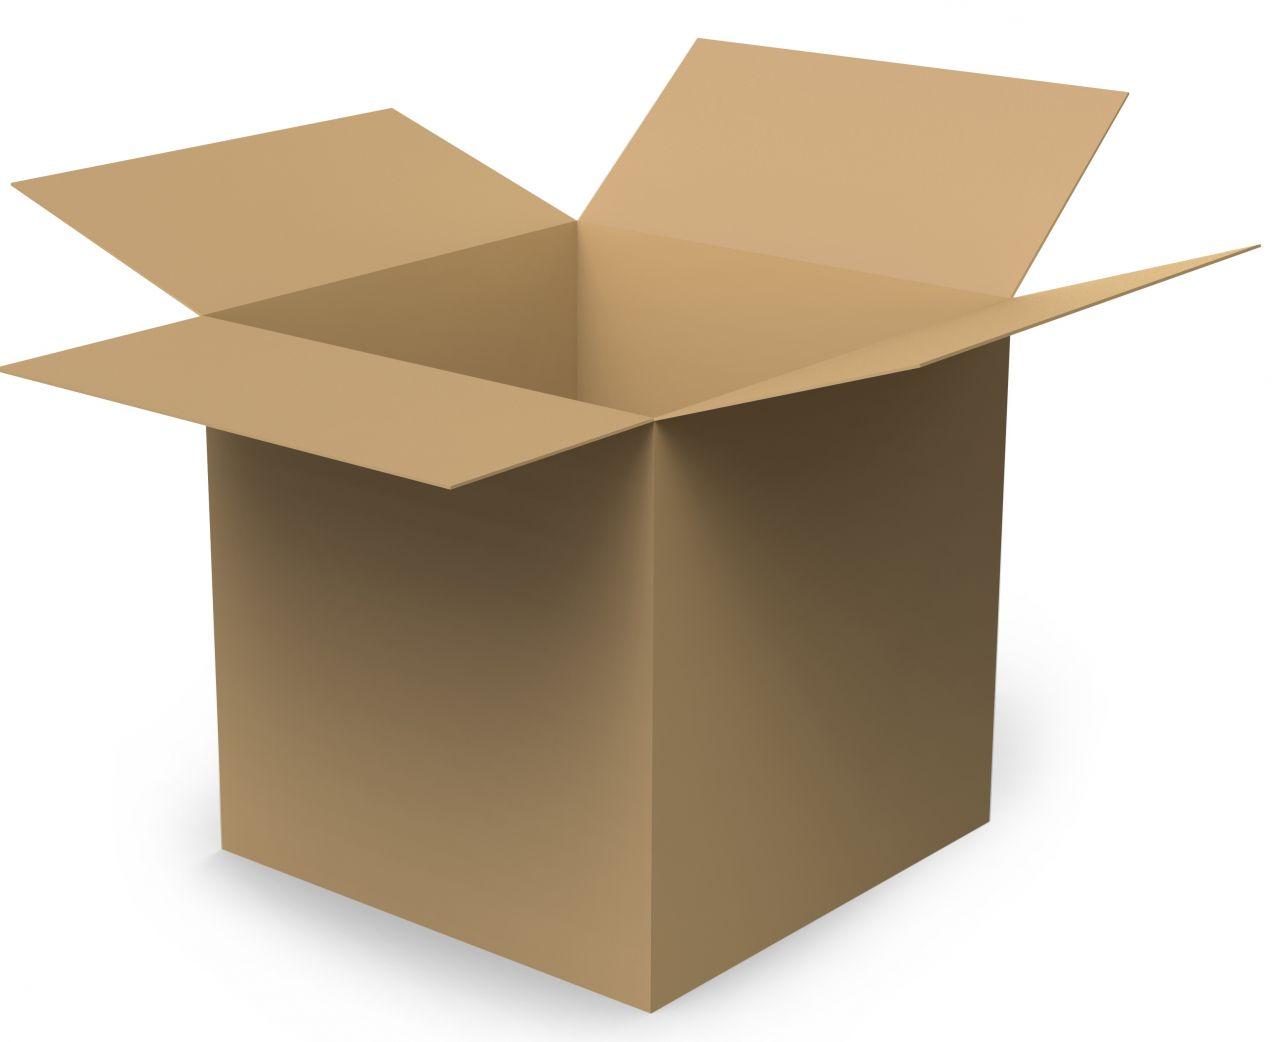 Csomagoló doboz TFL 200*200*150 mm 25db/köteg